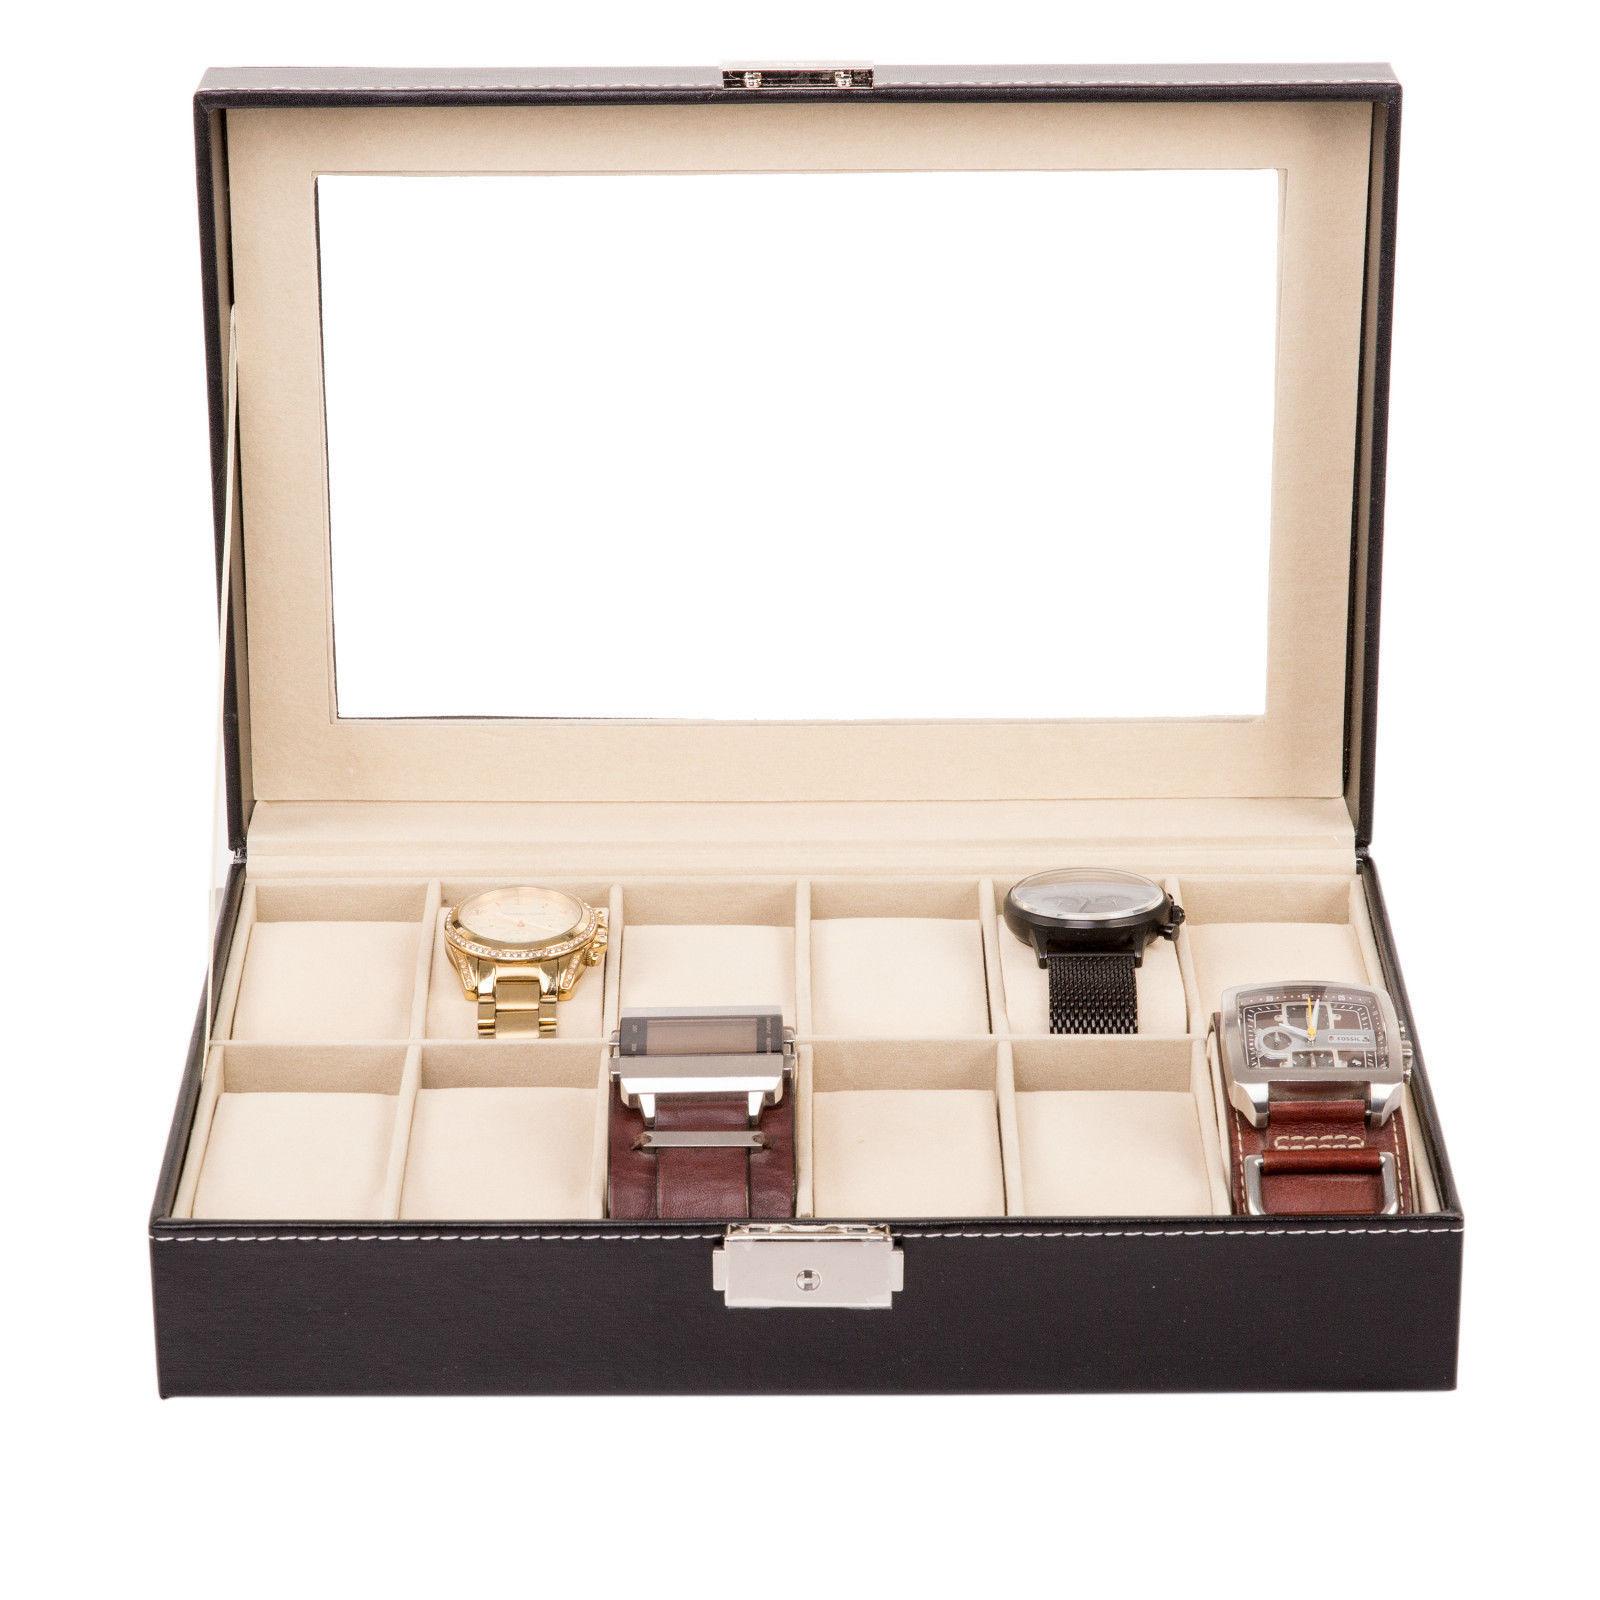 Uhrenbox Uhrenkoffer für 24 Uhren Uhrentruhe Uhrenkasten Uhrenschatulle Vitrine